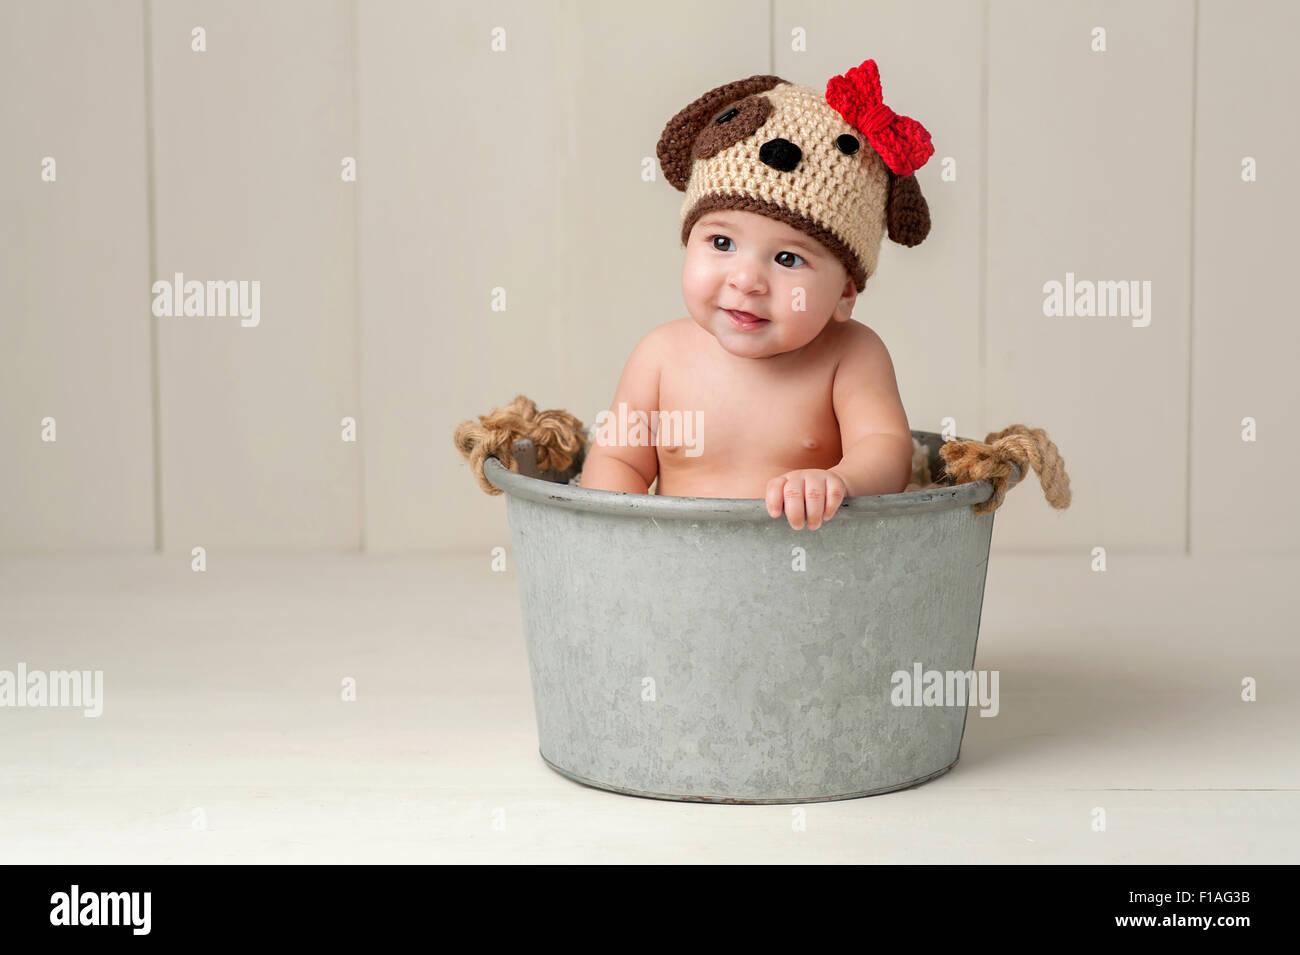 f02cdd4e6 Bebé de Seis Meses chica que llevaba un sombrero de Cachorro de ganchillo.  Filmado en